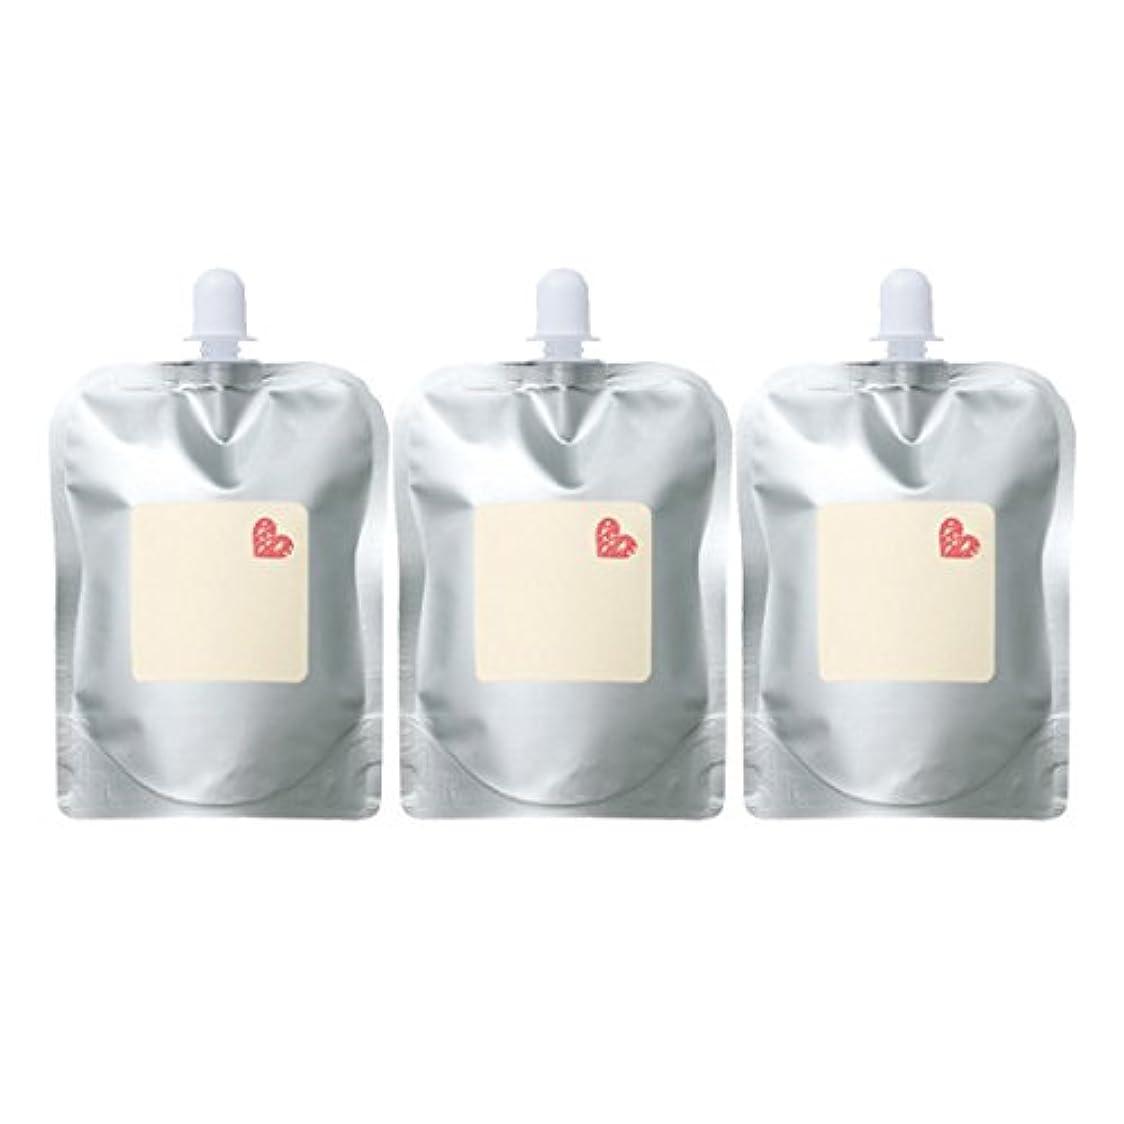 提案消防士バレル【x3個セット】 アリミノ ピース ナチュラルウェーブ ホイップ 400g 詰替え用